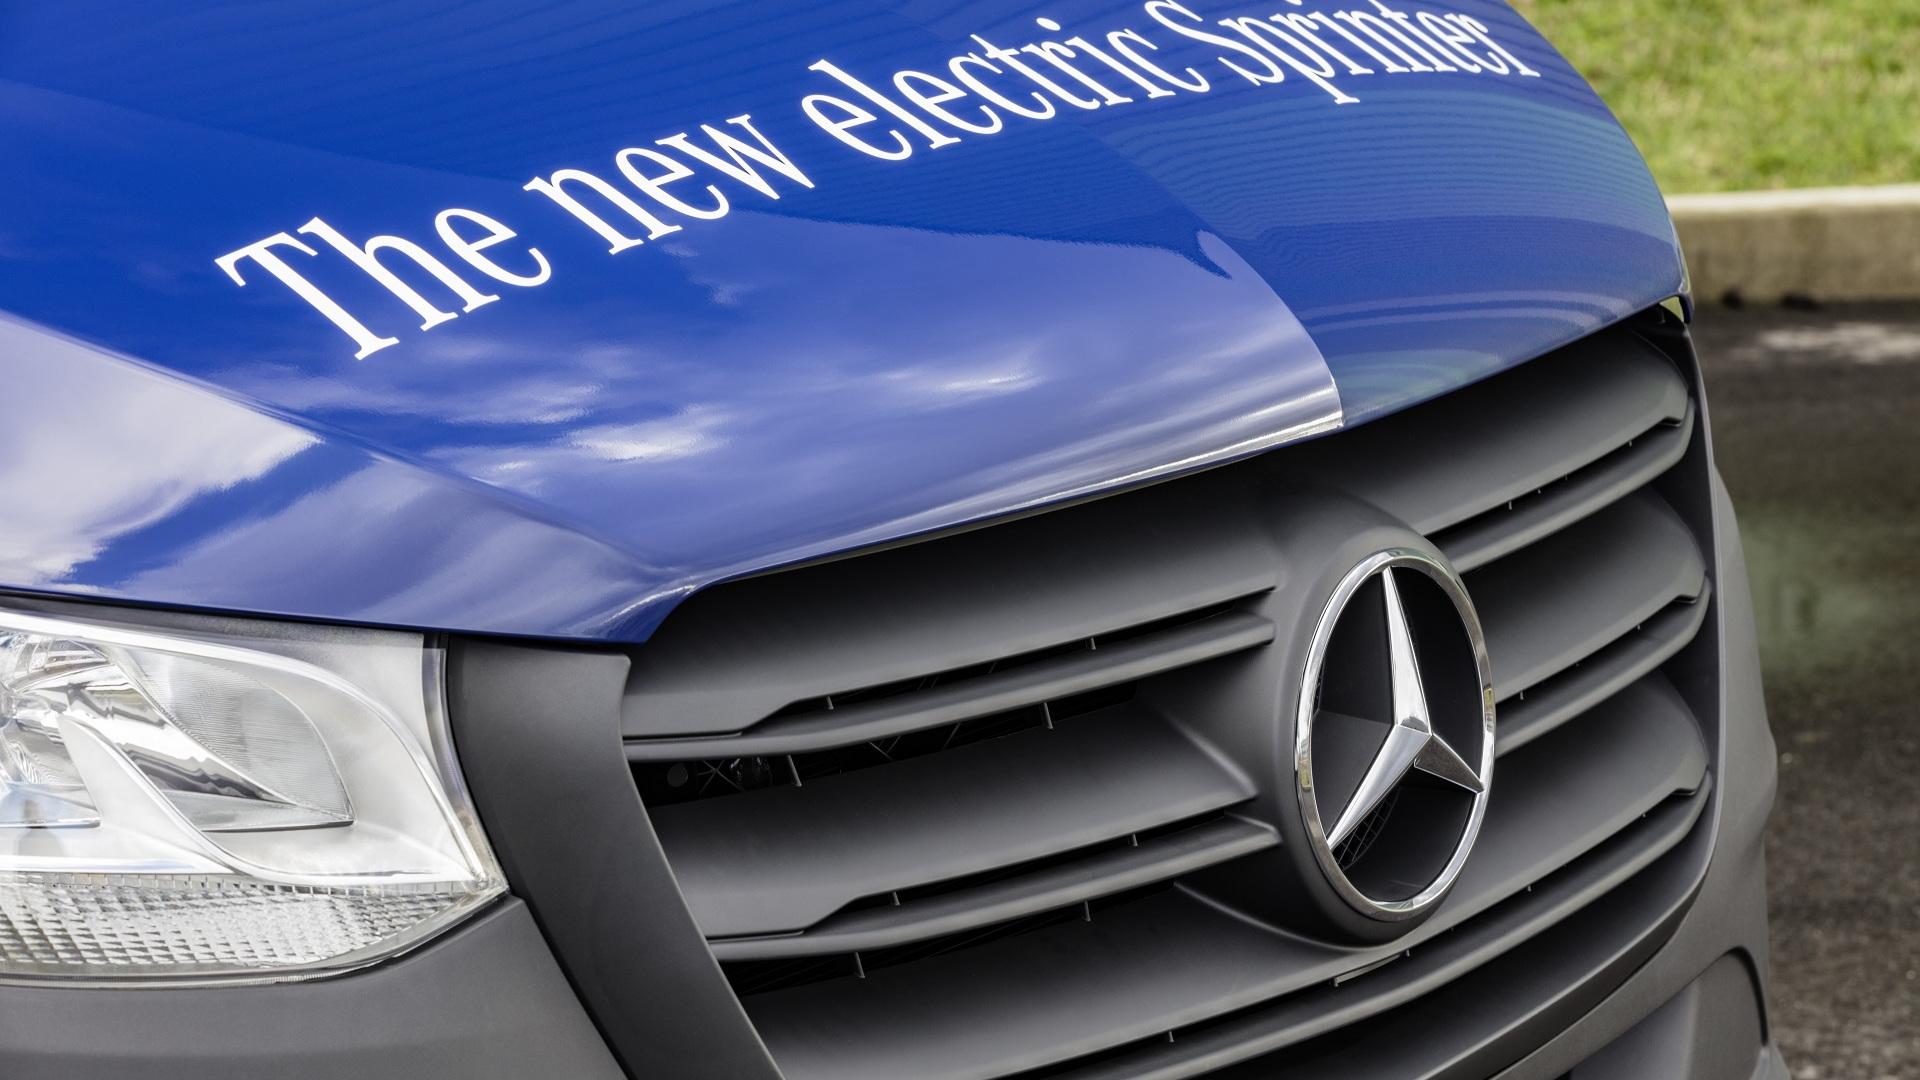 2019 Mercedes-Benz Sprinter e-Sprinter electric version (European model)